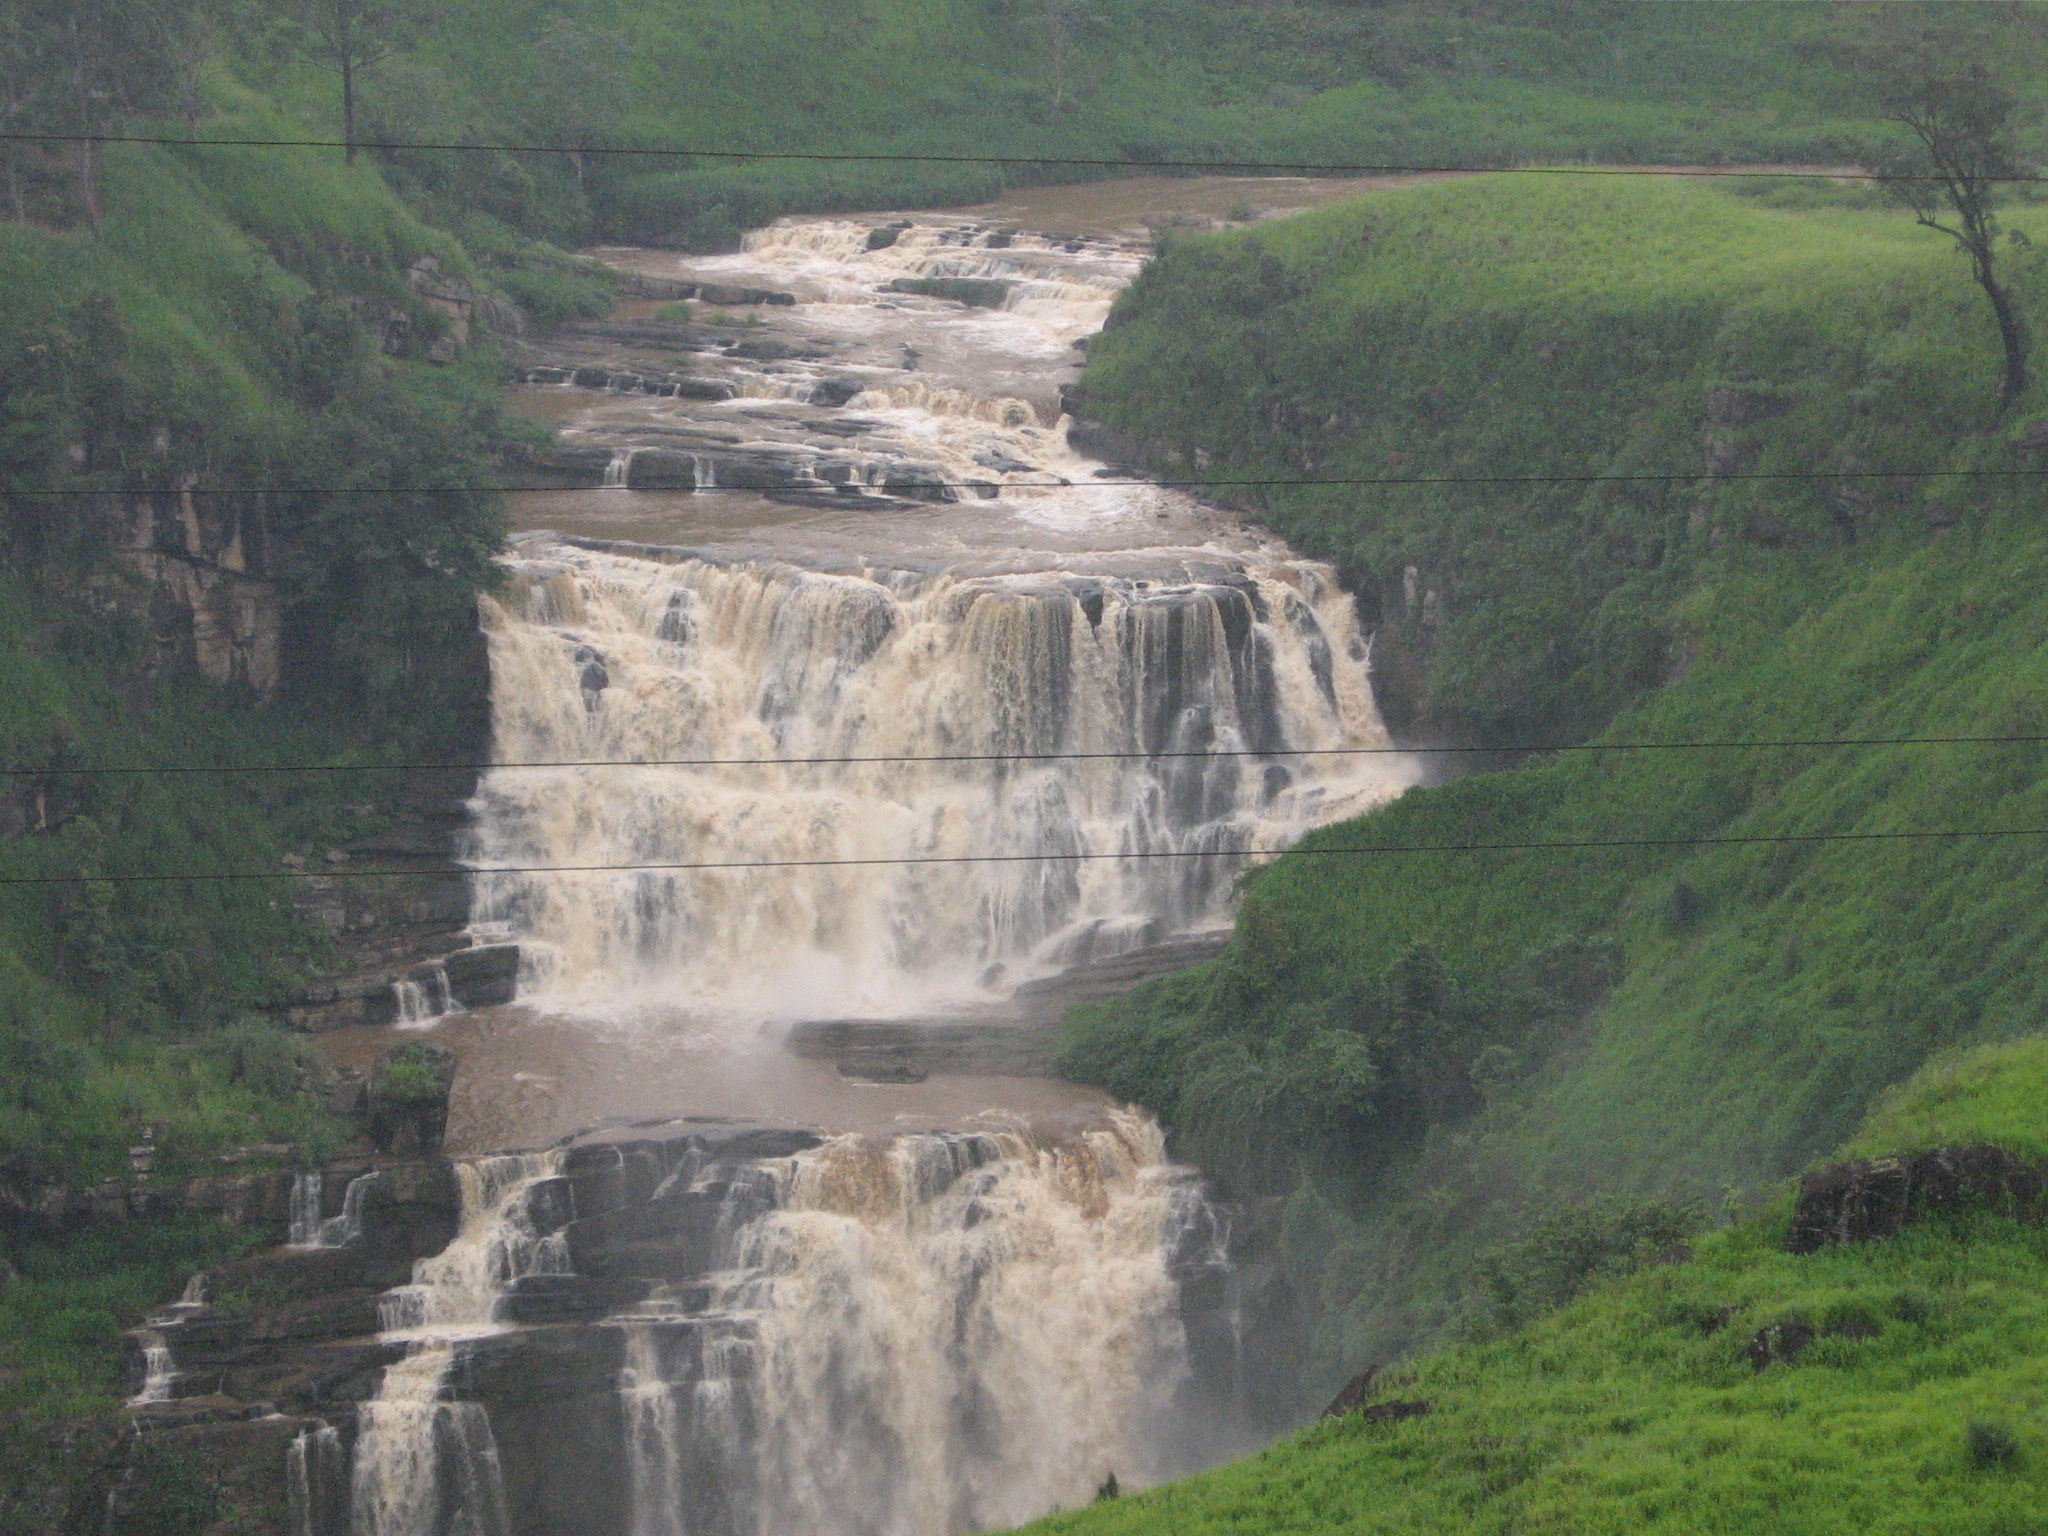 Water fall in Sri Lanka, Beauty, Rock, Water, Trees, HQ Photo